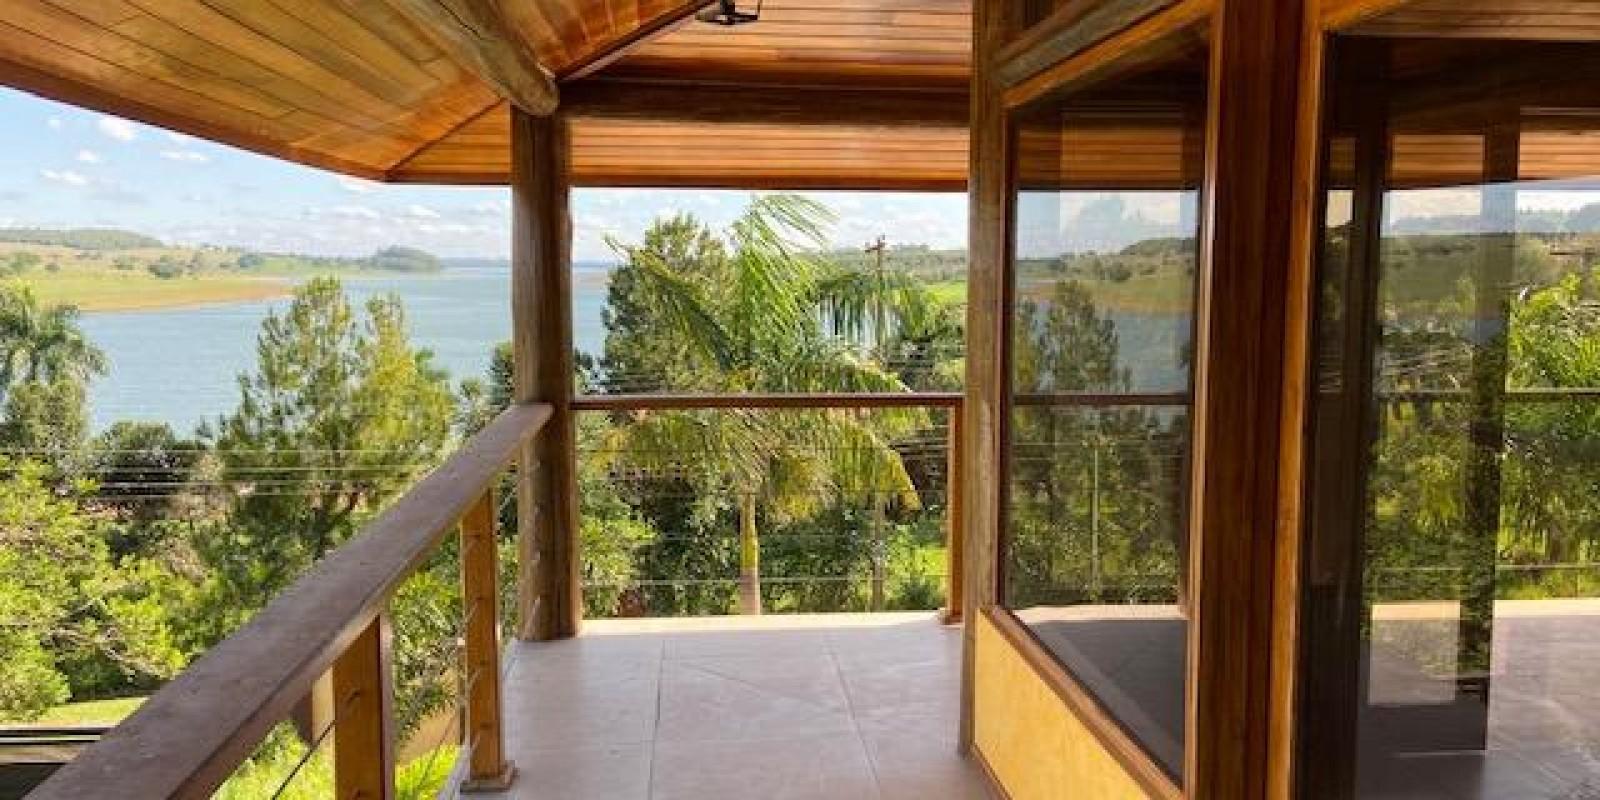 Casa na Represa no Condomínio Estribo em Avaré SP - Foto 5 de 21